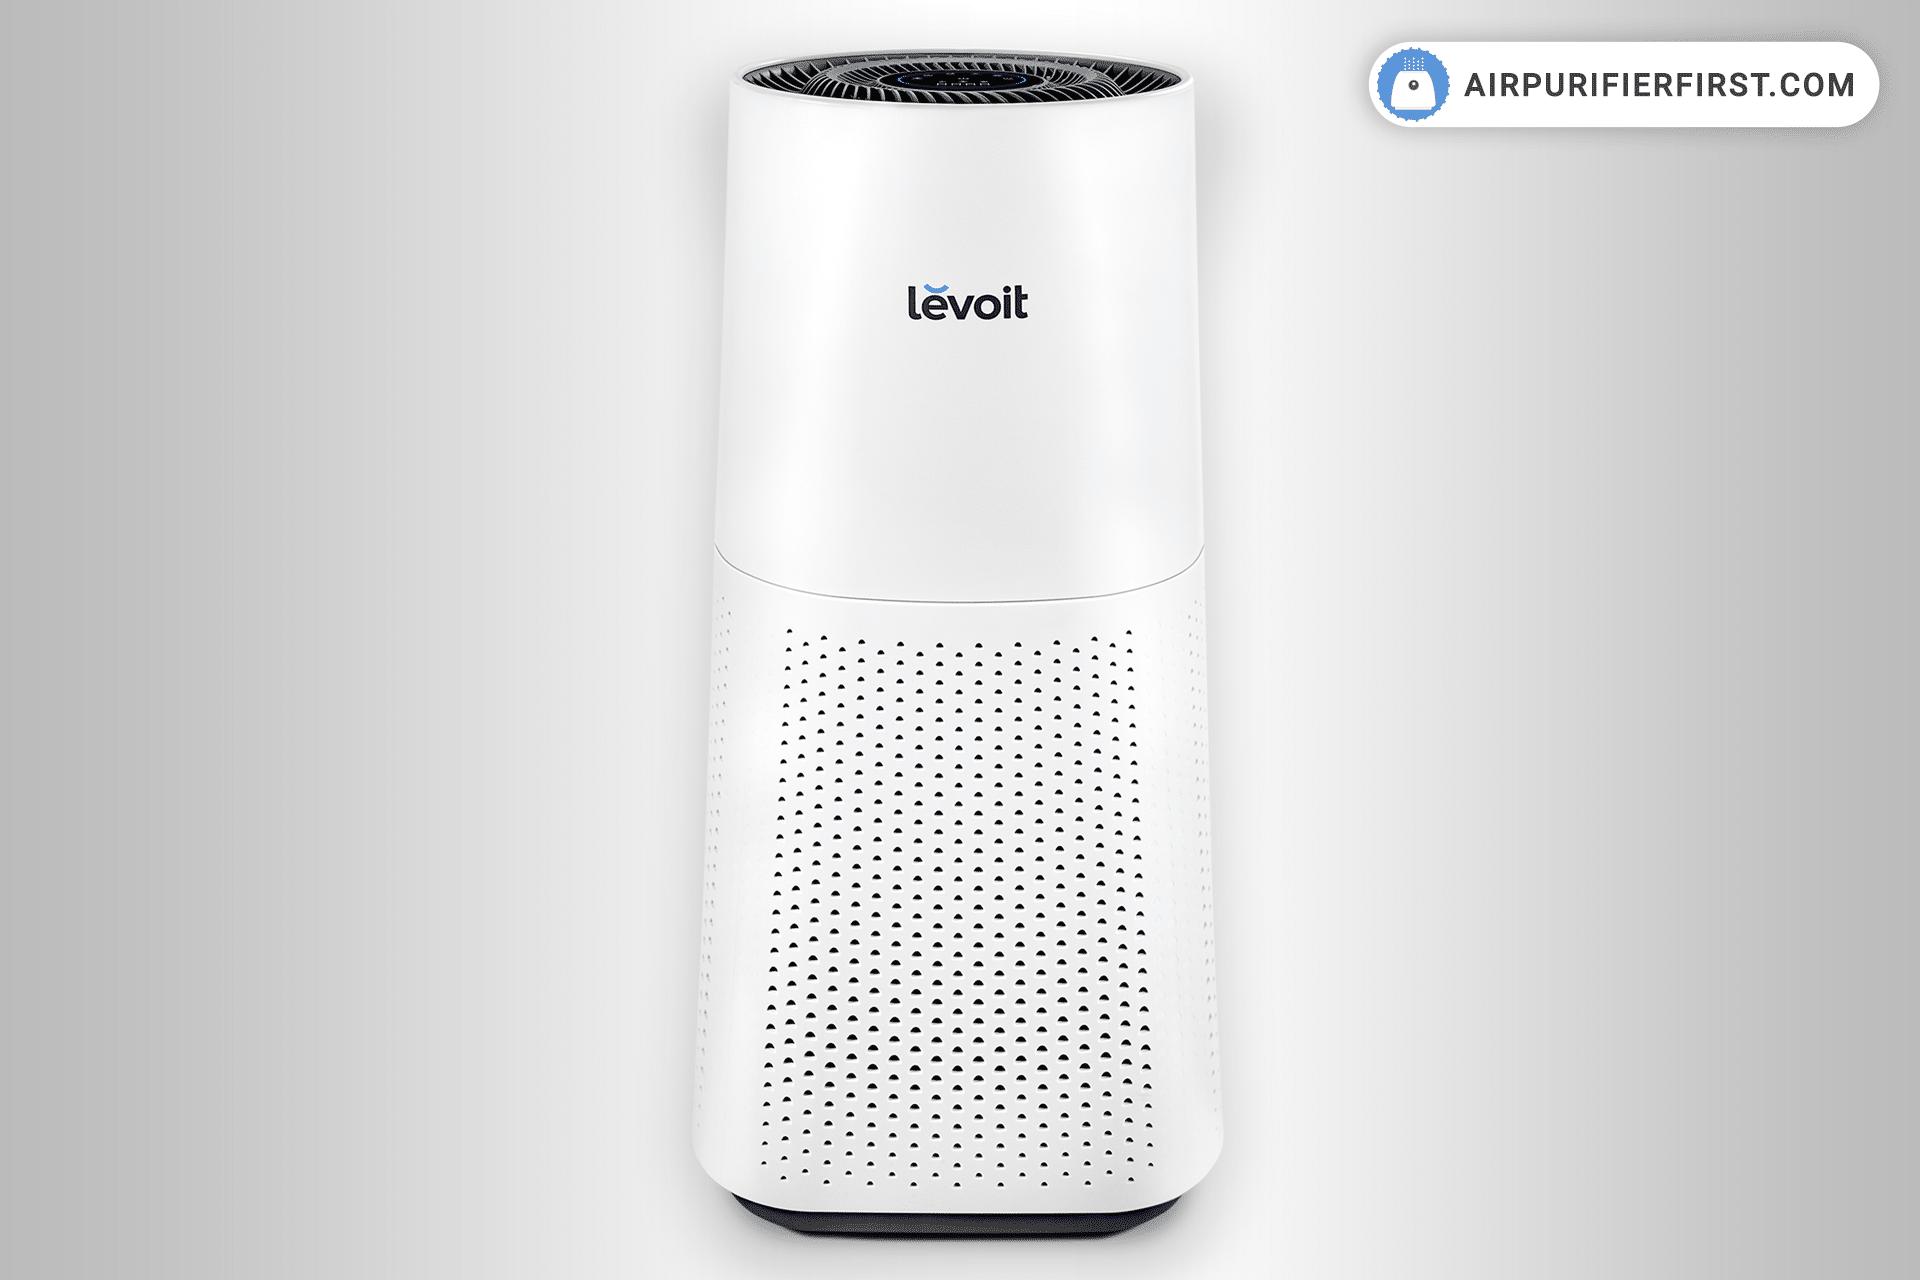 Levoit LV-H134 - Best Levoit Air Purifier